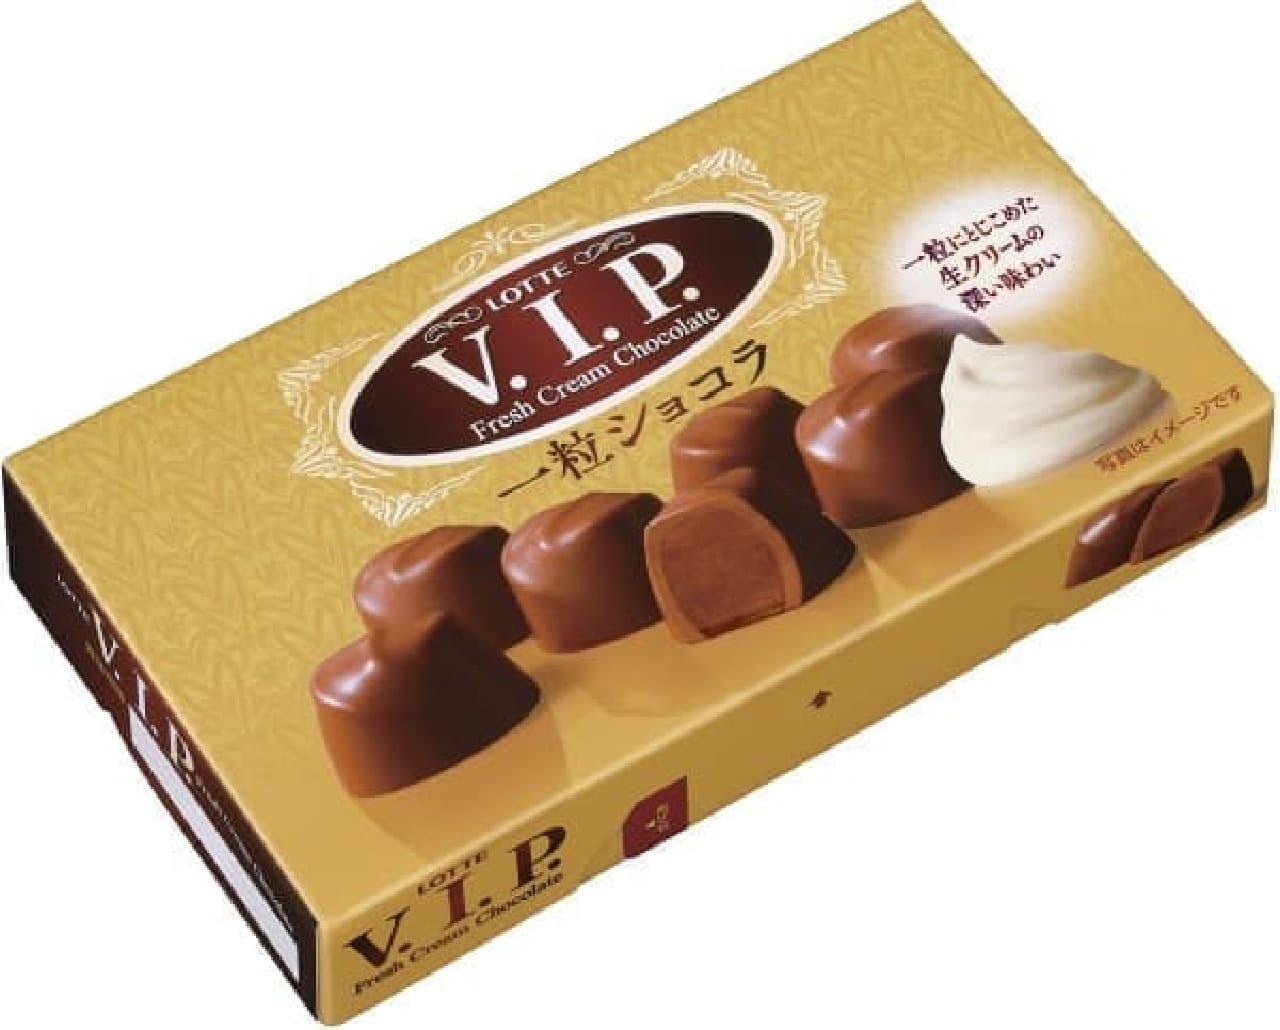 生クリーム入りチョコの深い味わいを閉じ込めました